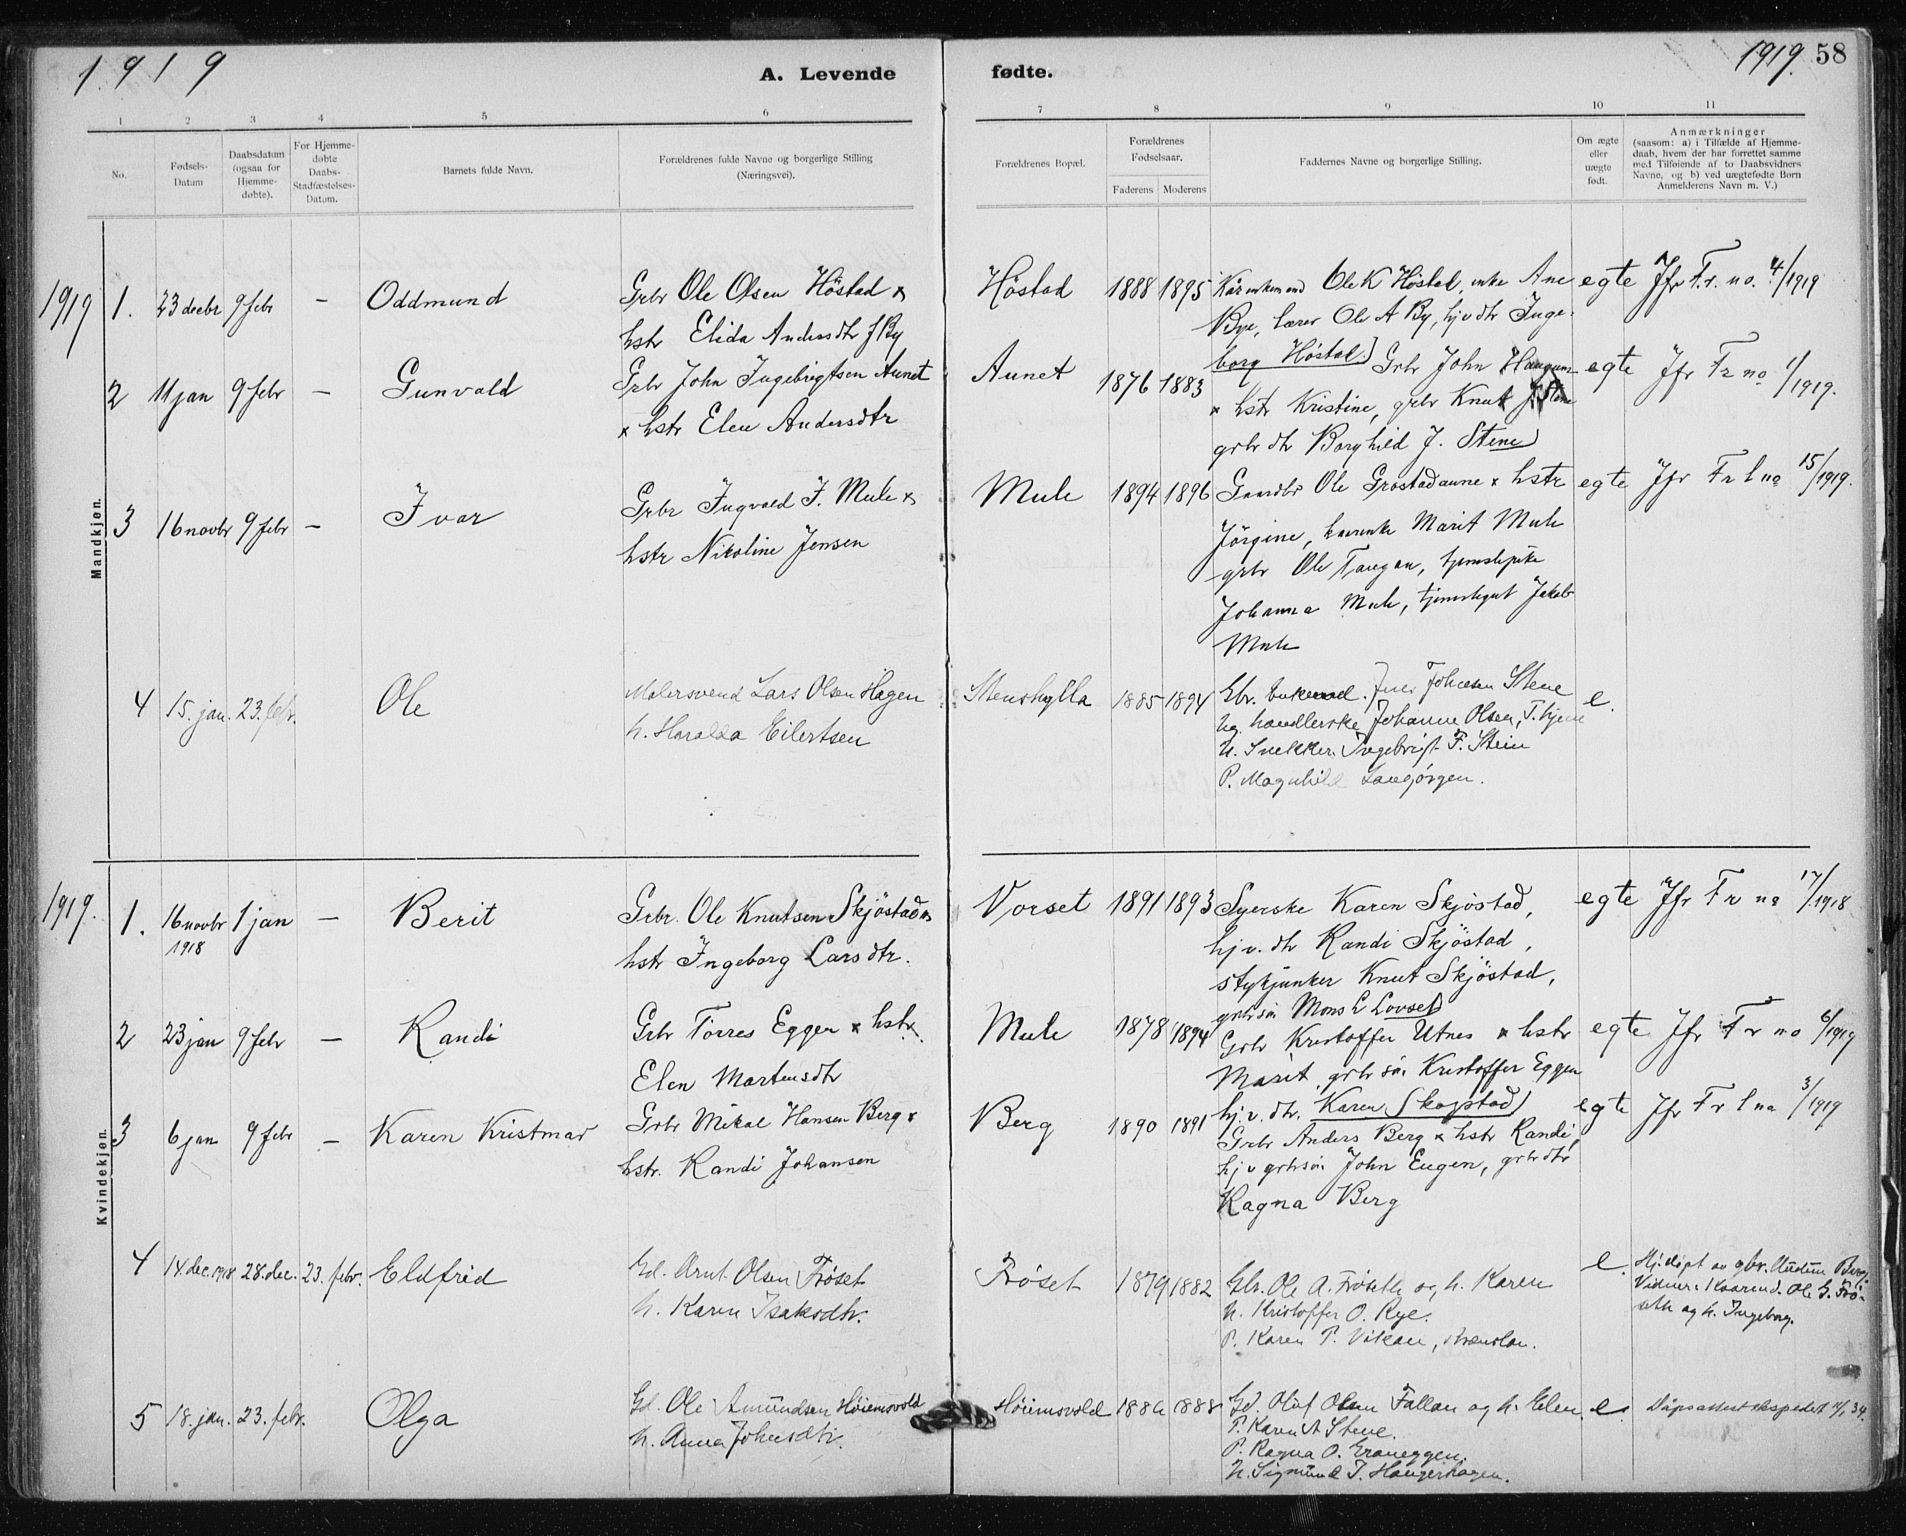 SAT, Ministerialprotokoller, klokkerbøker og fødselsregistre - Sør-Trøndelag, 612/L0381: Ministerialbok nr. 612A13, 1907-1923, s. 58